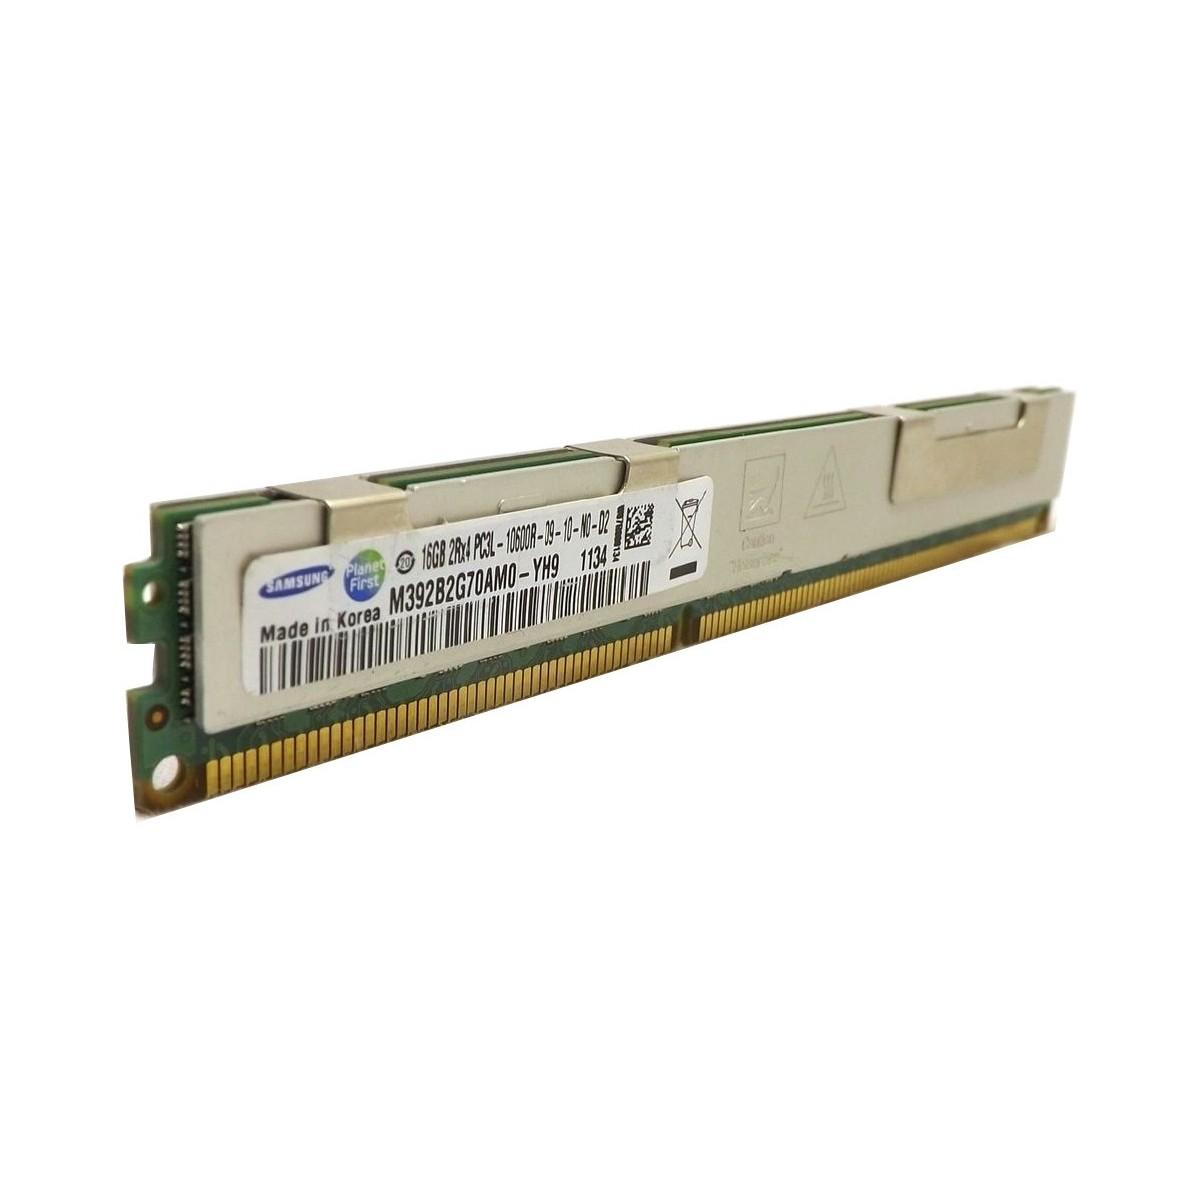 DYSK HP 36GB SAS 15K 3G 2,5 430169-001 418373-002